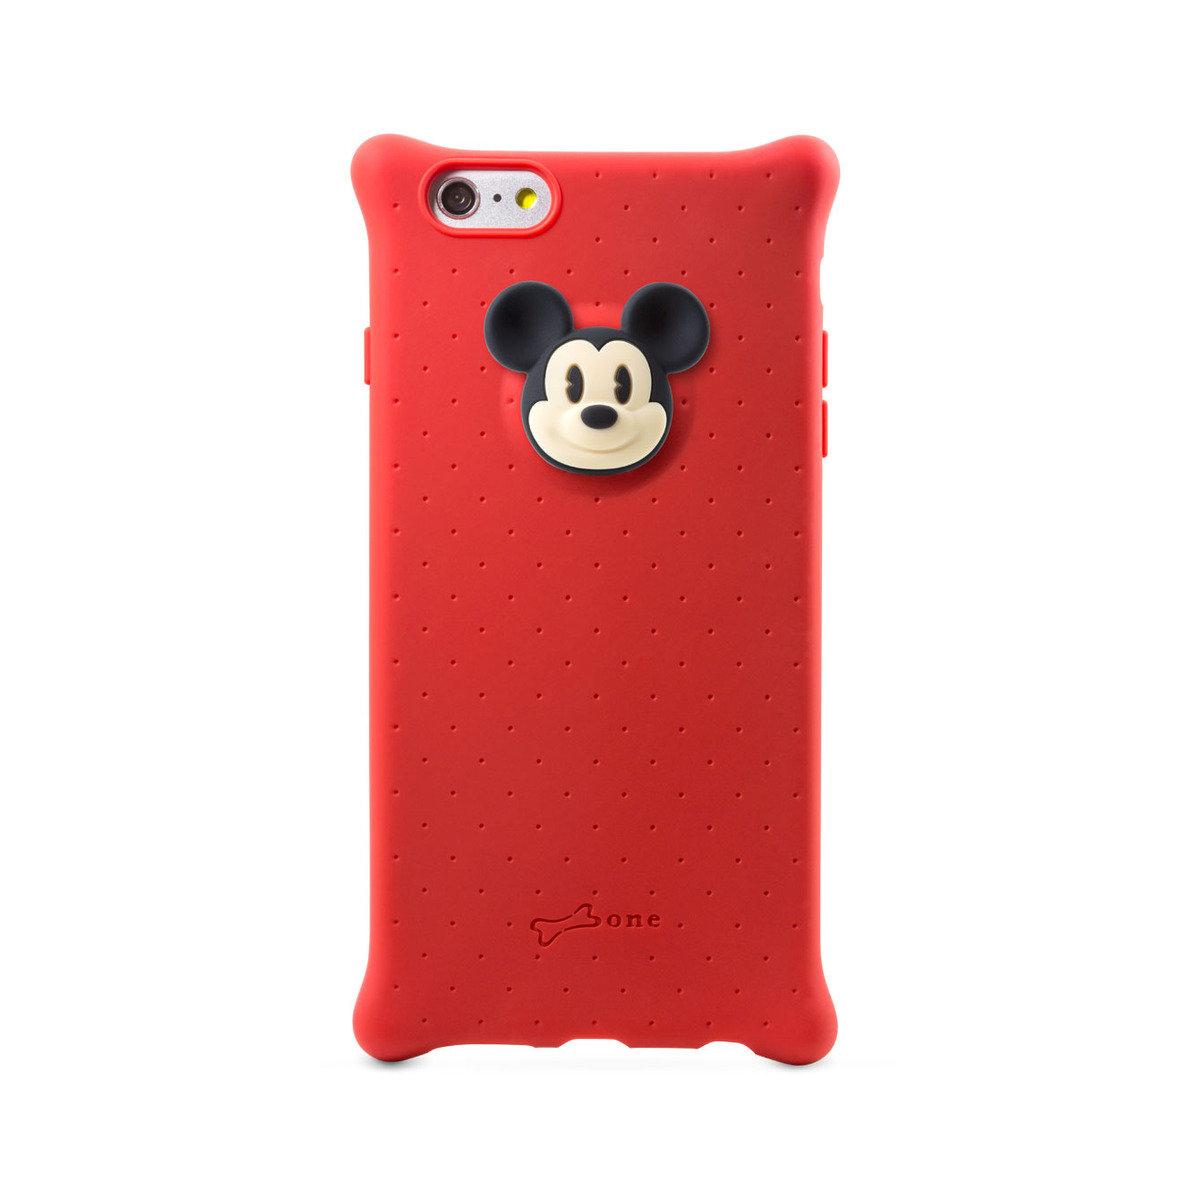 米奇 iPhone 6 Plus 泡泡保護套